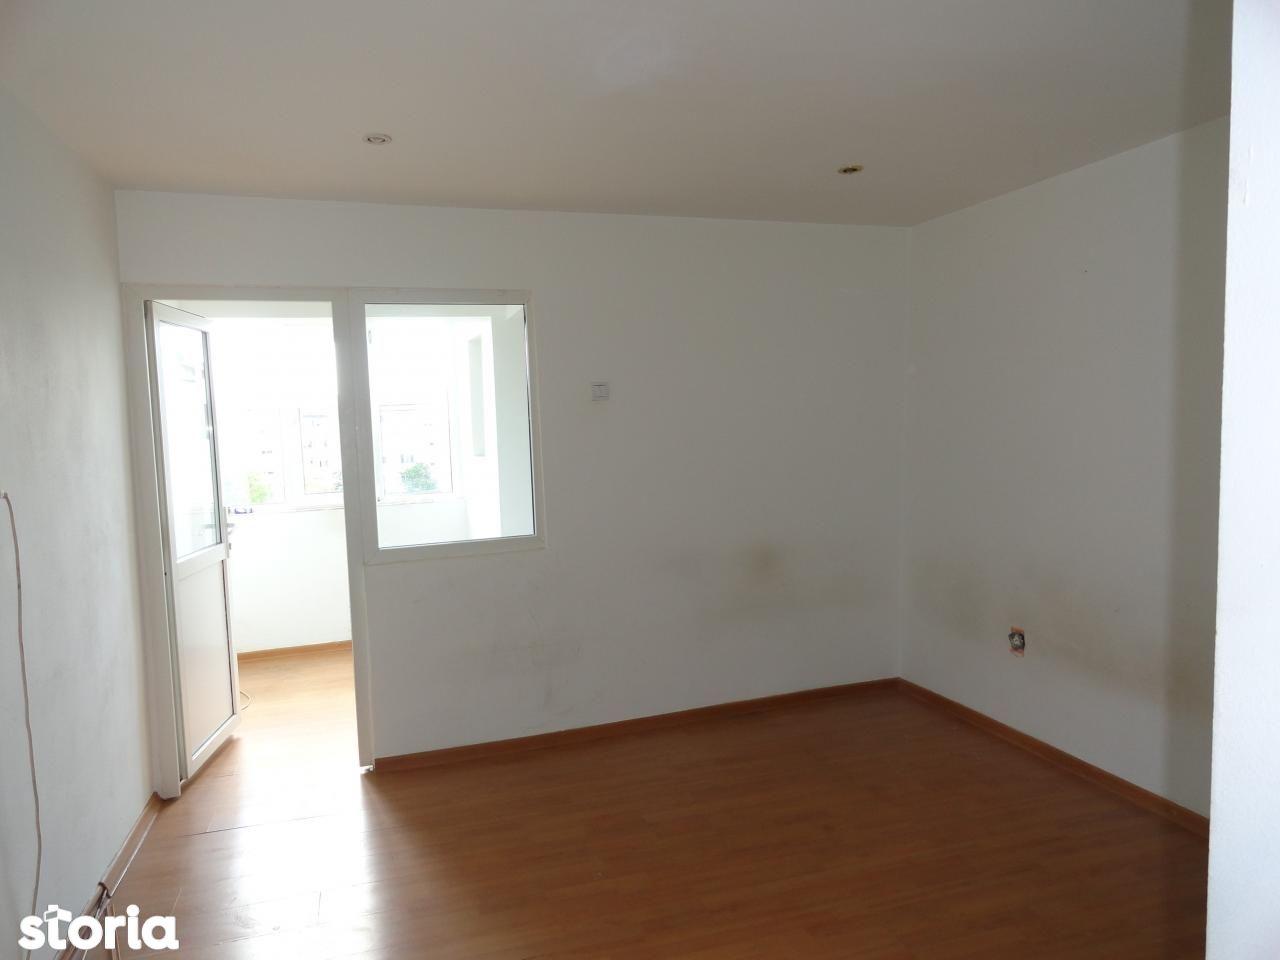 Apartament de vanzare, Bacau, Milcov - Foto 1